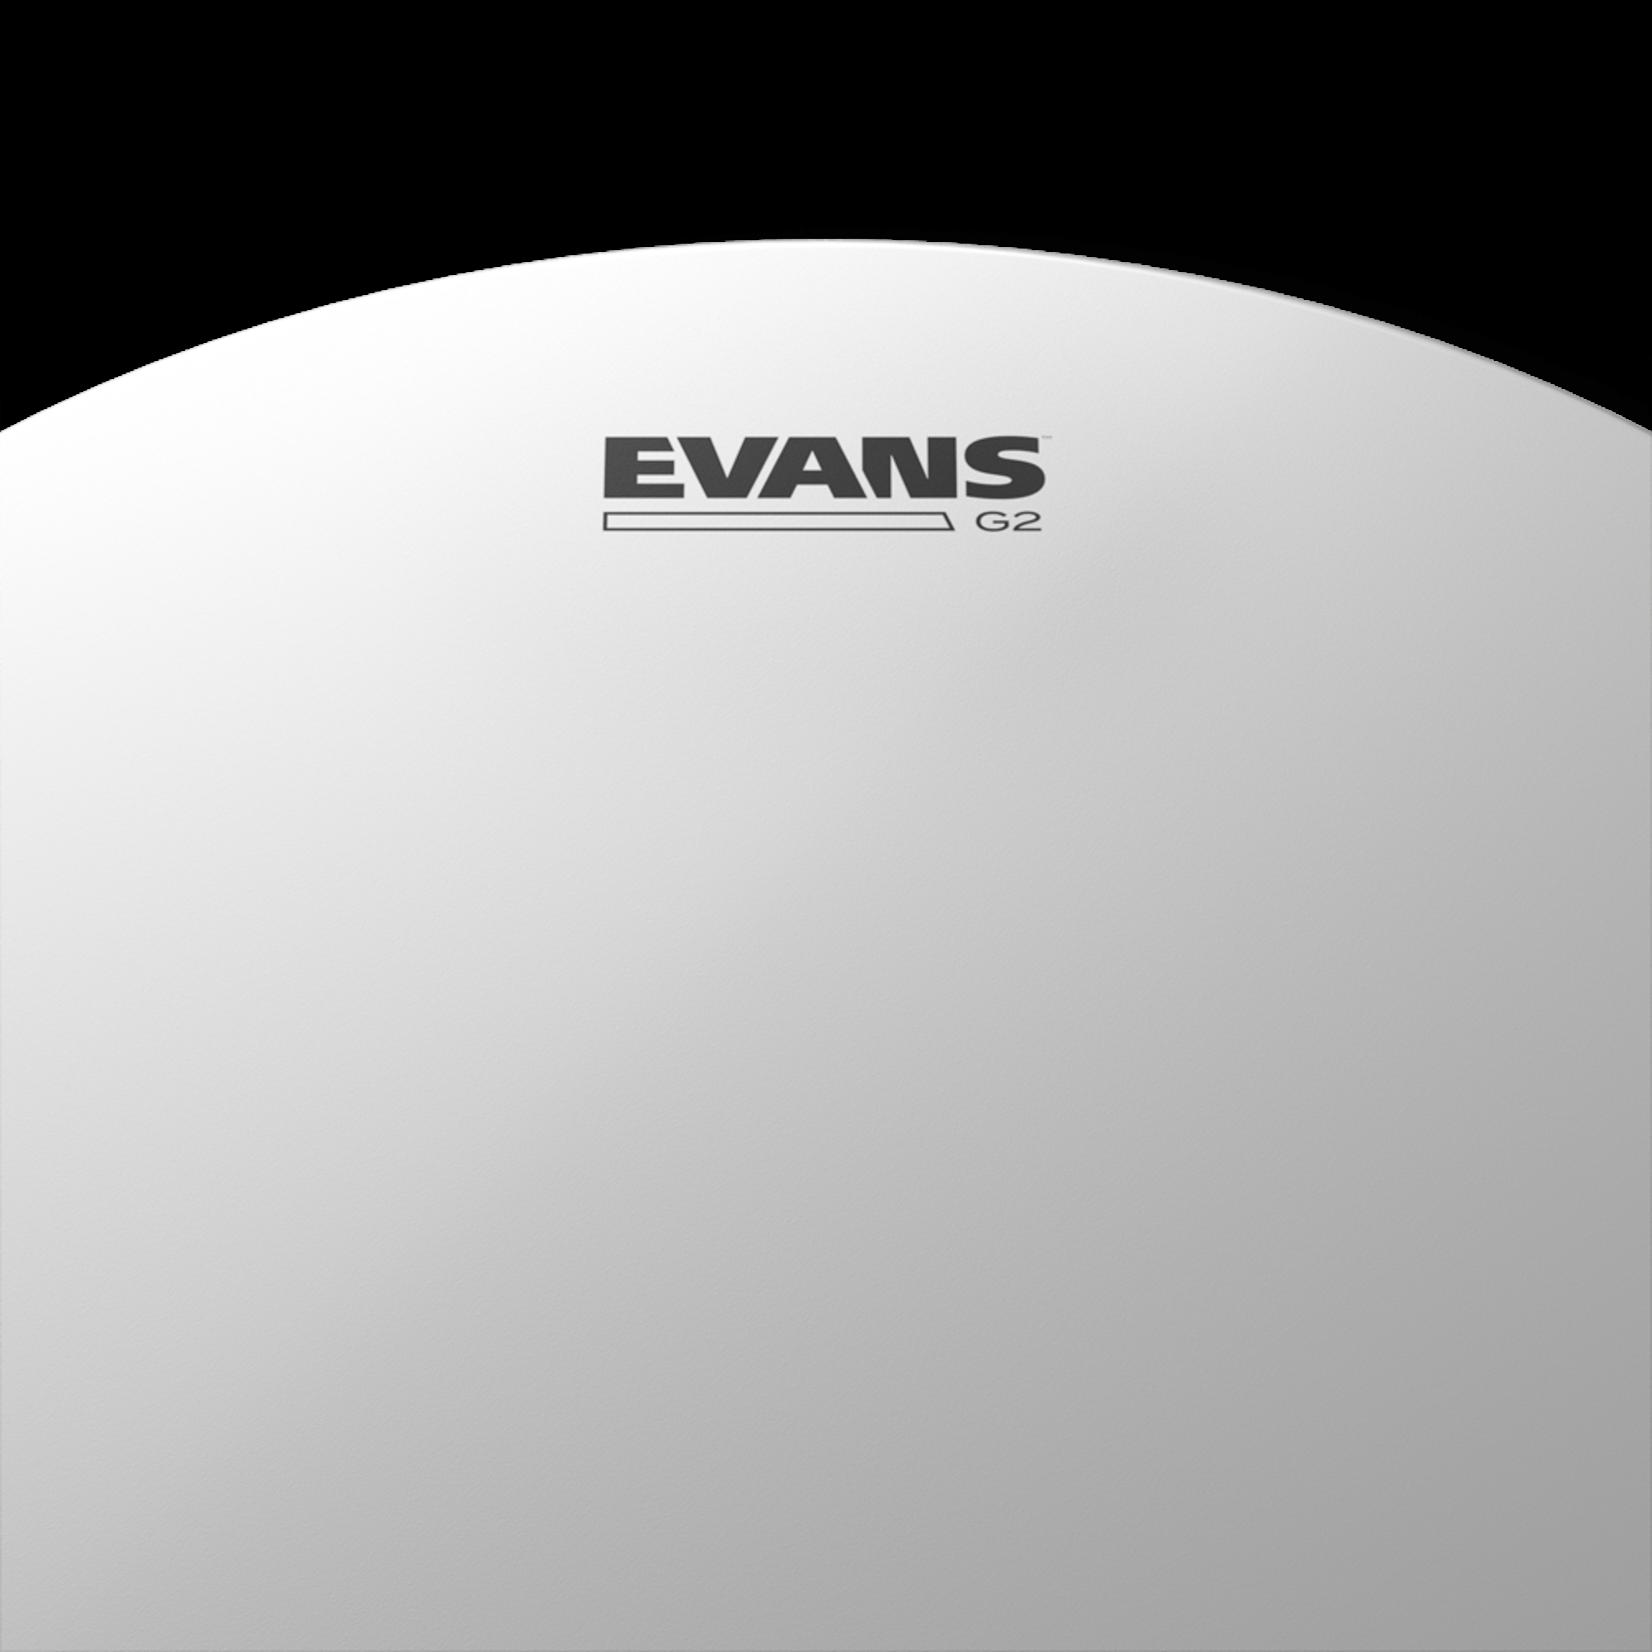 Evans EVANS G2 COATED